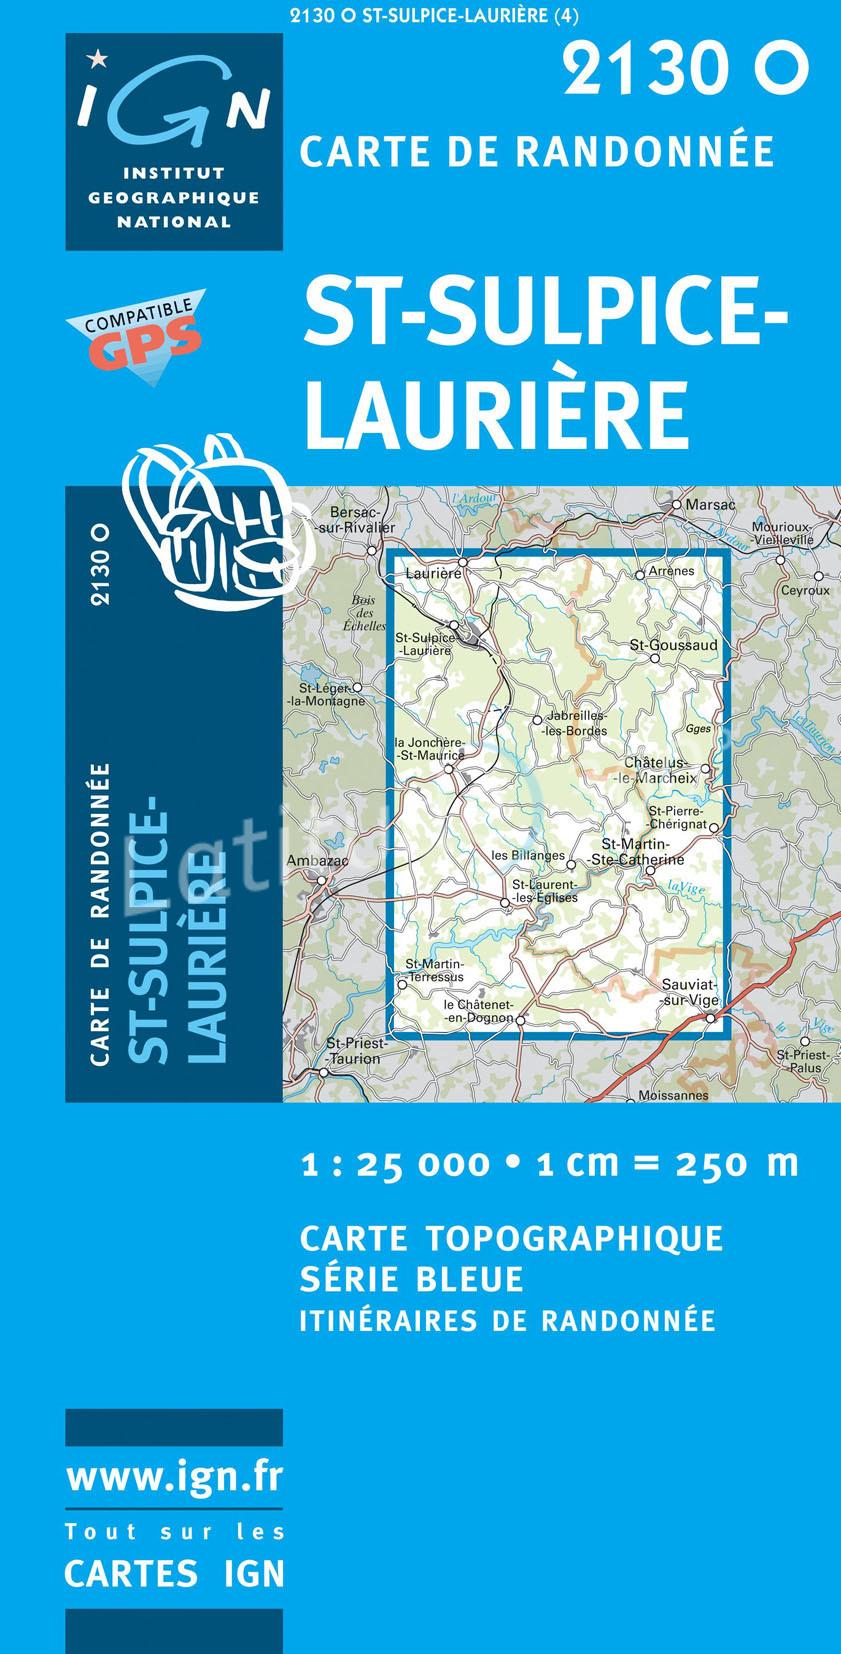 2130Ouest St. Sulpice-Laurière 9782758525394  IGN IGN 25 Creuse & Corrèze  Wandelkaarten Creuse, Corrèze